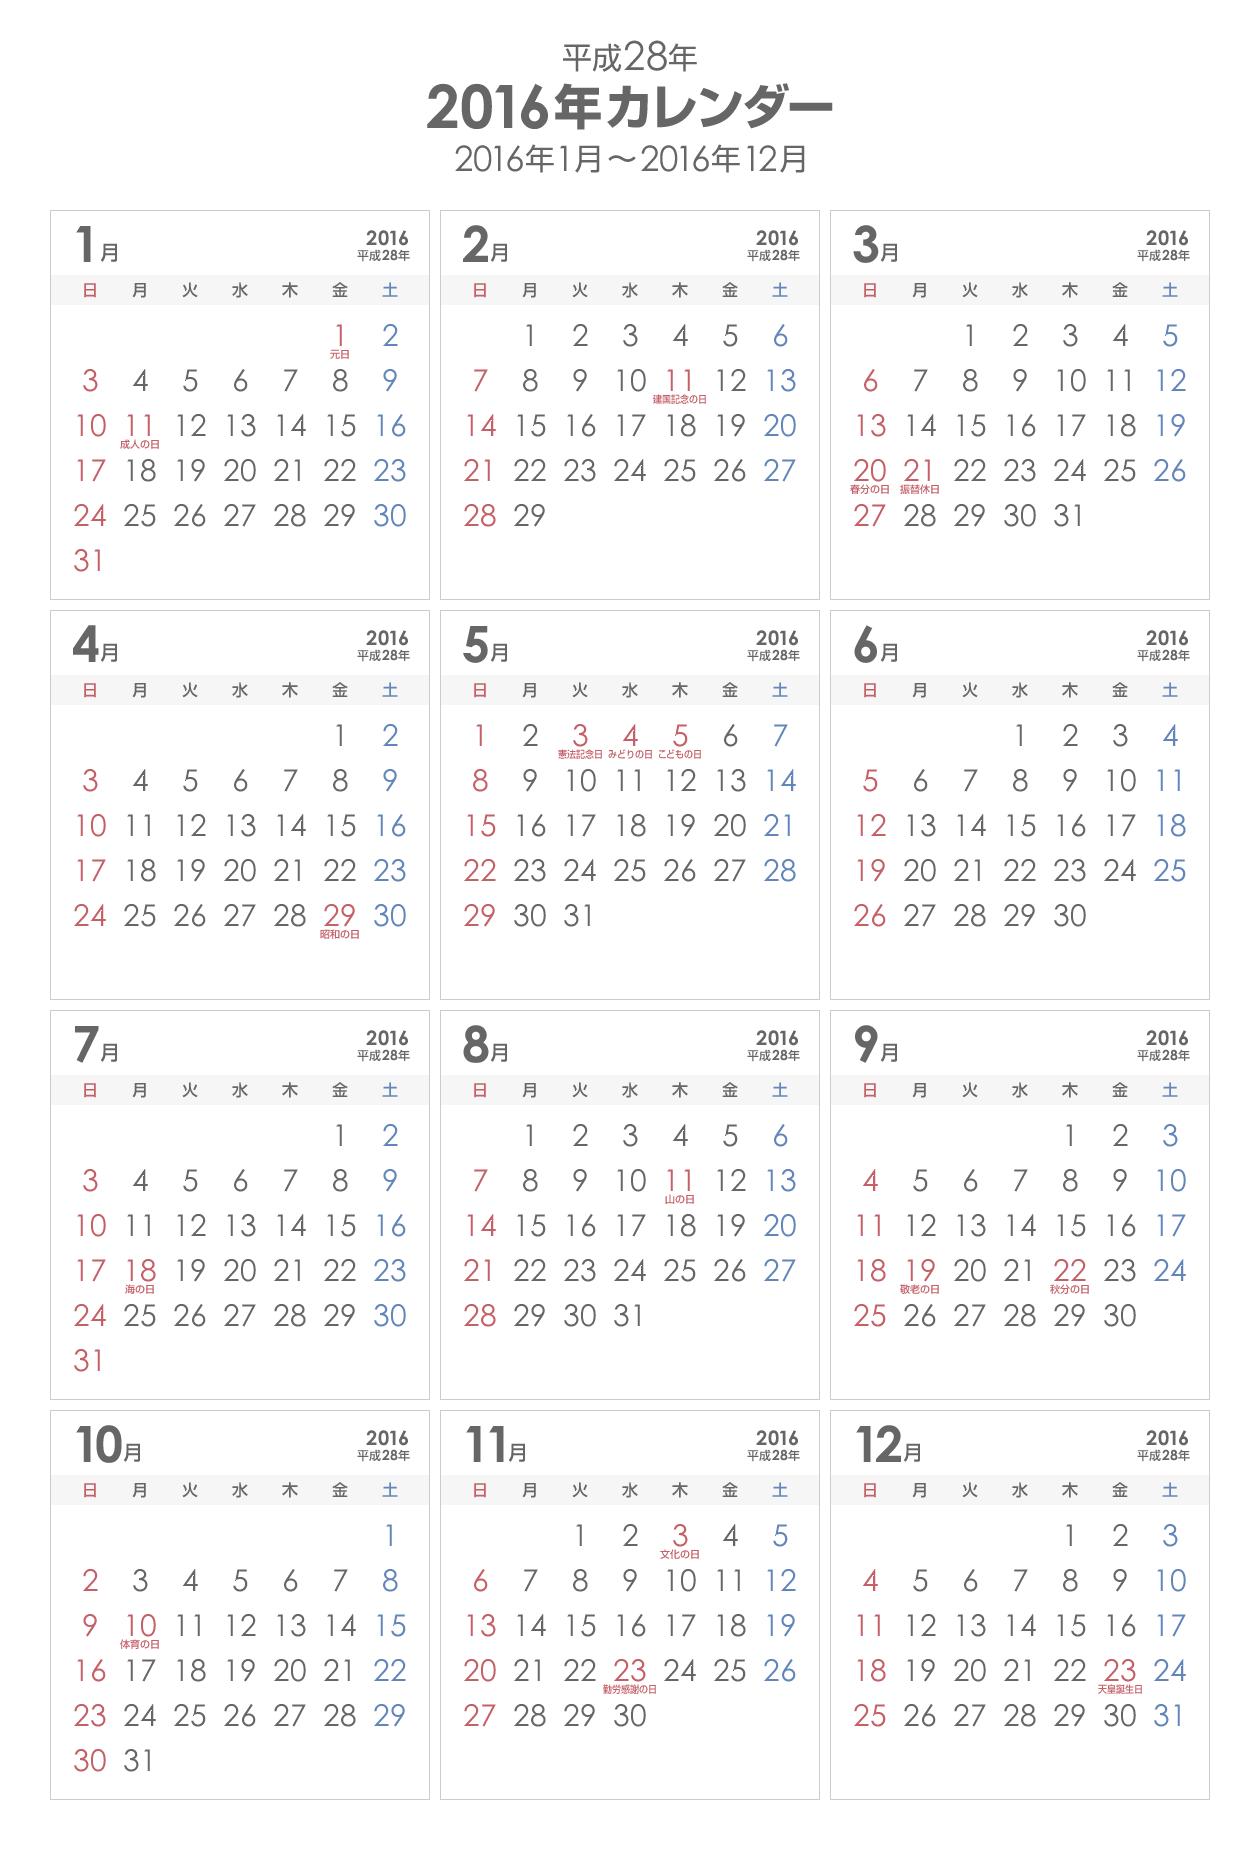 2016年(平成28年)シンプルな年間カレンダー